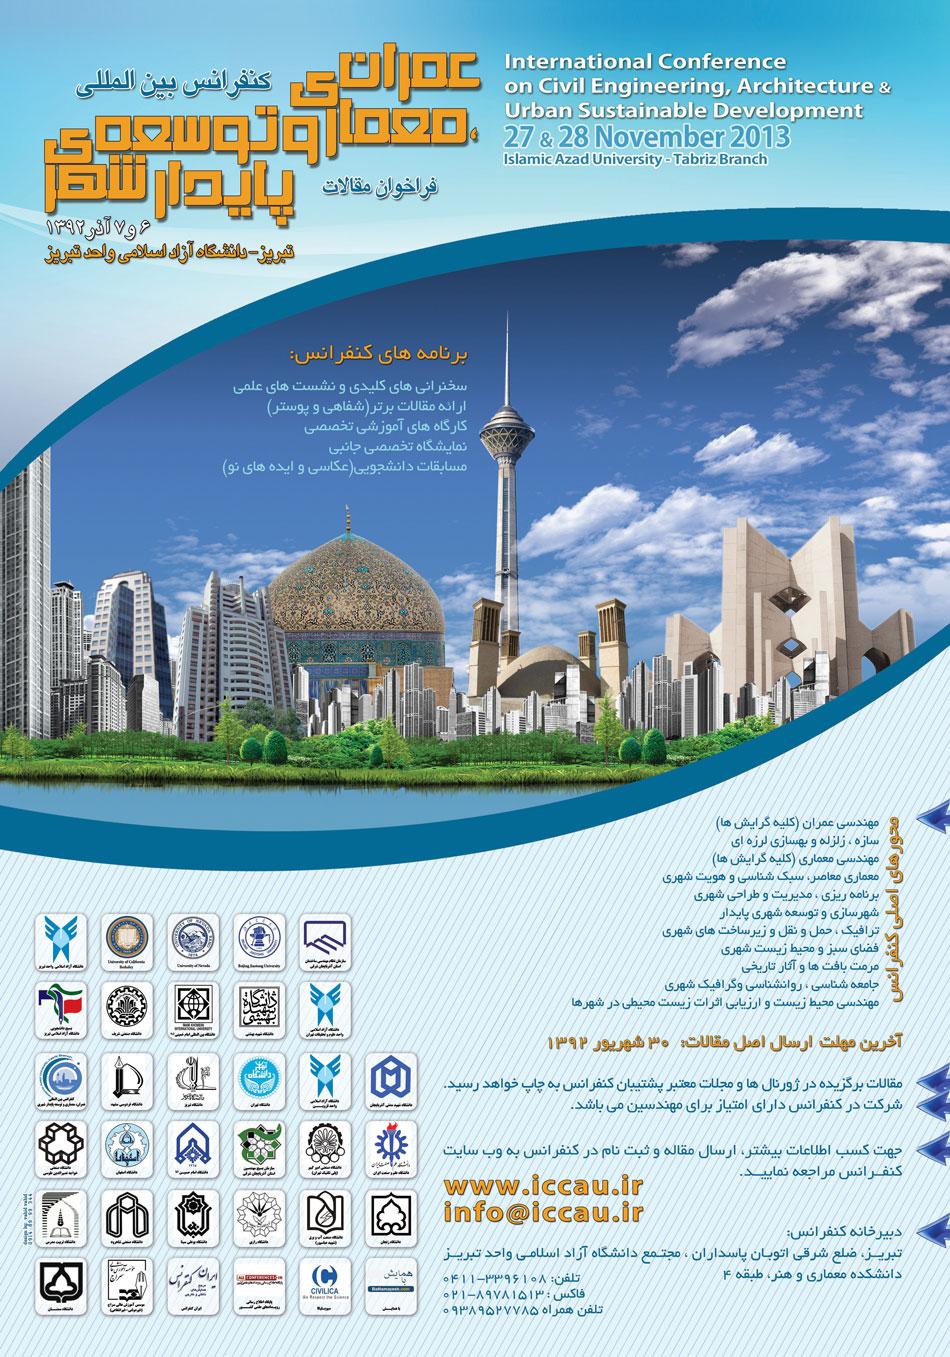 کنفرانس بین المللی عمران، معماری، و توسعه پایدار شهری- تبریز، آذر ۱۳۹۲